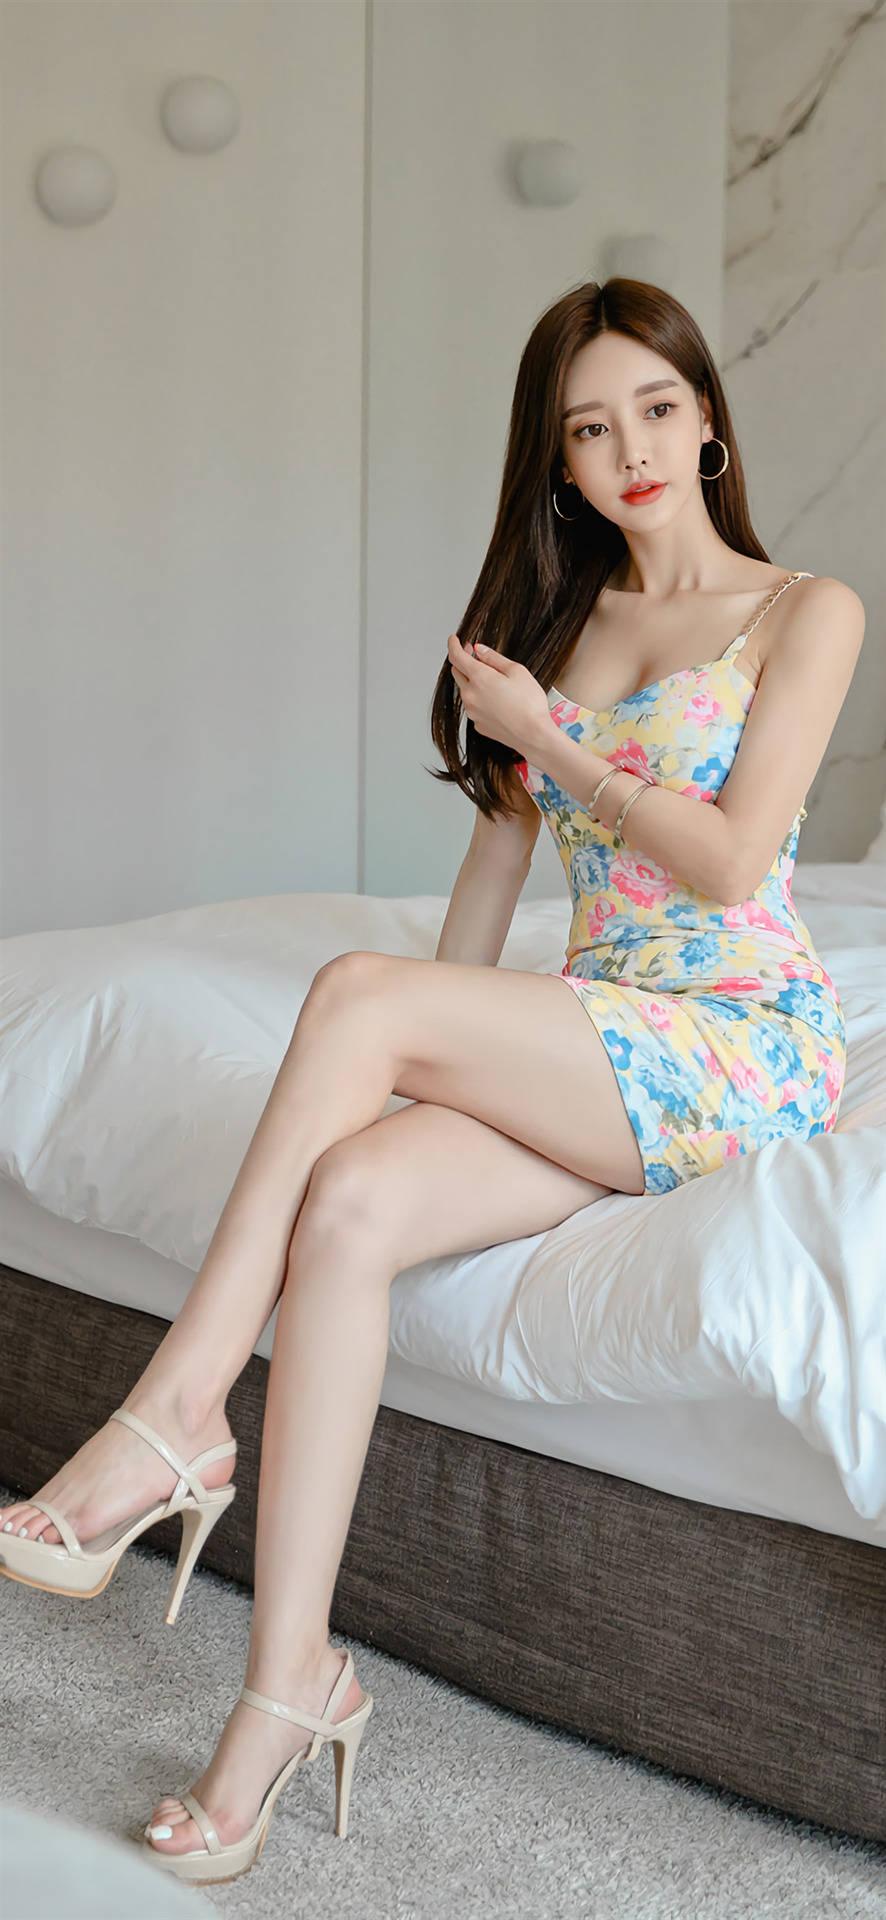 孙允珠超清图片欣赏 简约印花 连衣裙 唯美大气,女人味十足